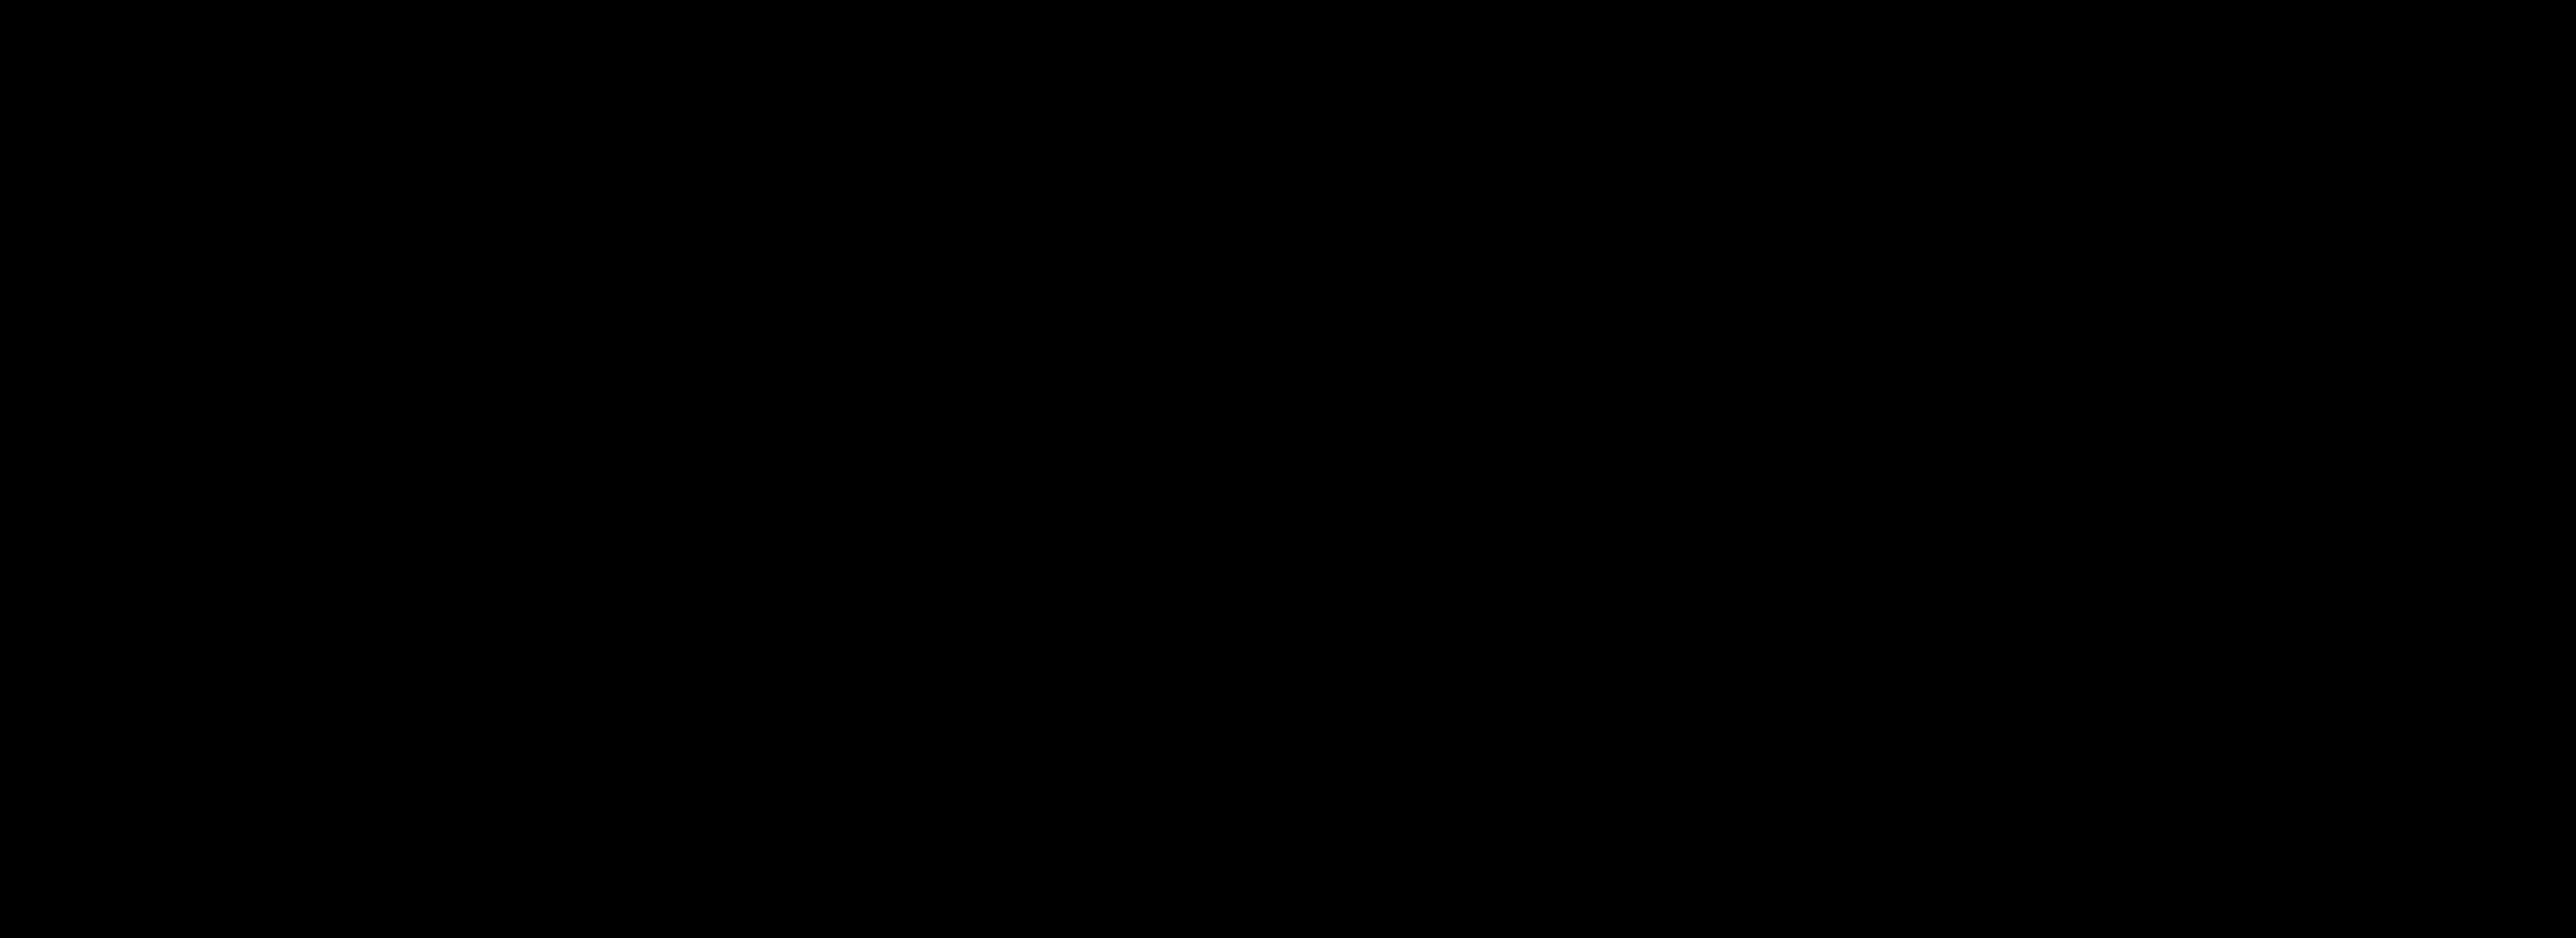 pK-12 Network Banner